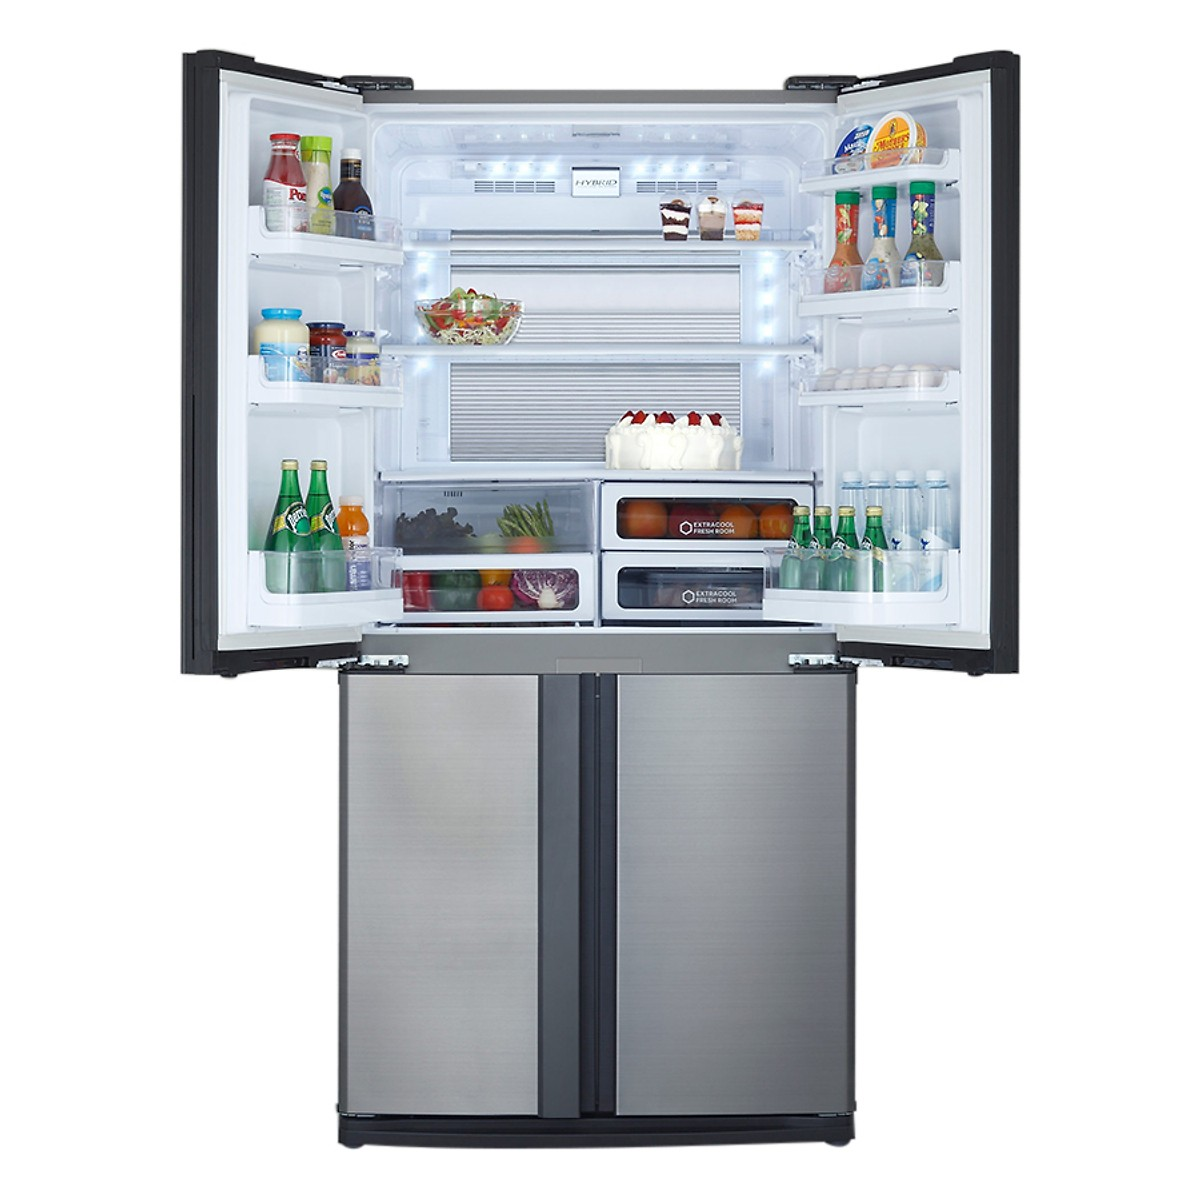 Tủ Lạnh Inverter Sharp SJ-FX631V-SL (556L) - Hàng Chính Hãng + Tặng Bình Đun Siêu Tốc